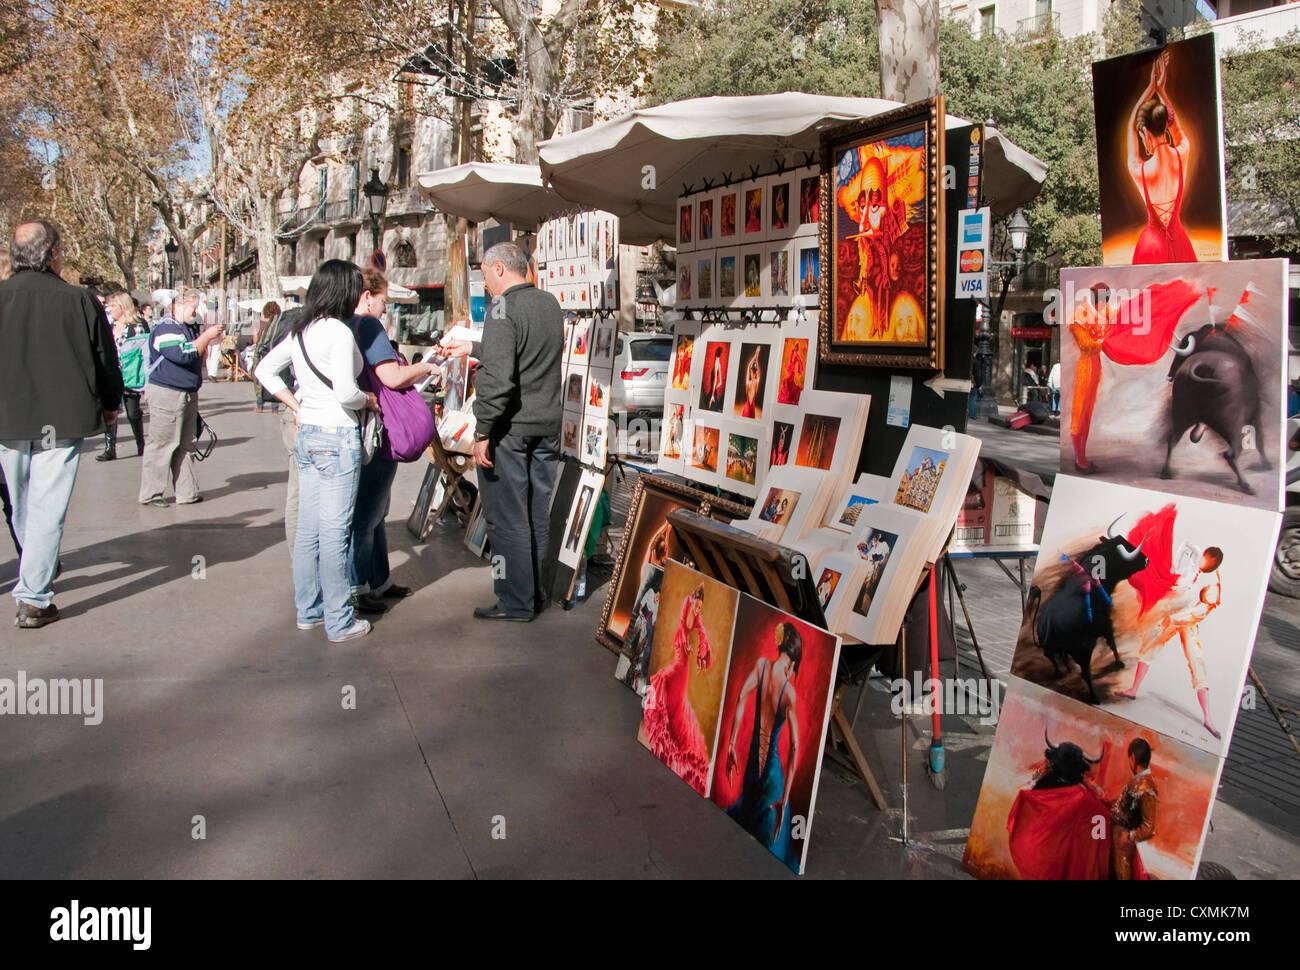 Artist on Las Ramblas in Barcelona selling paintings - Stock Image